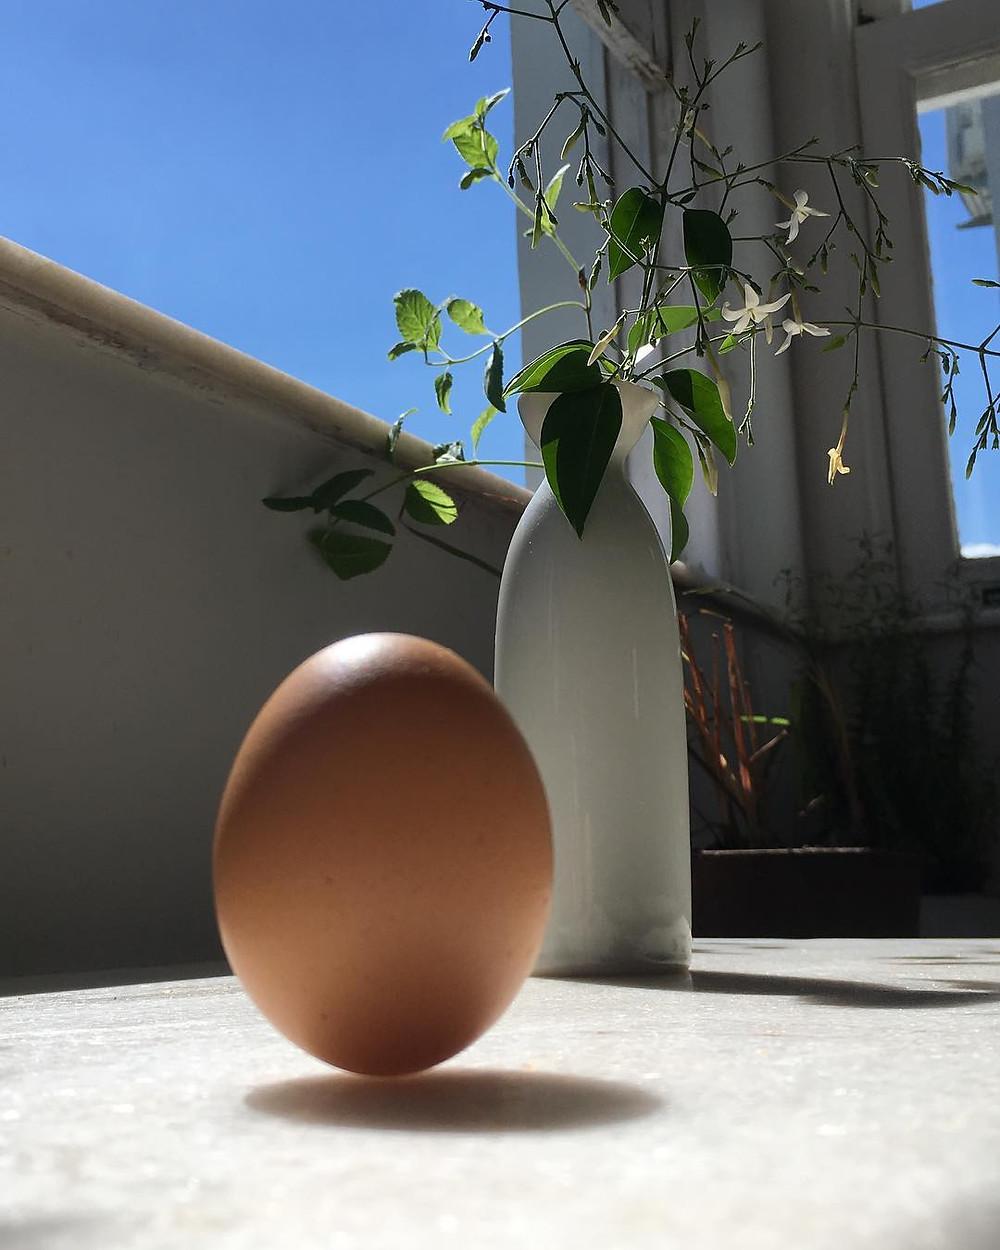 Equilibrando um ovo em pé